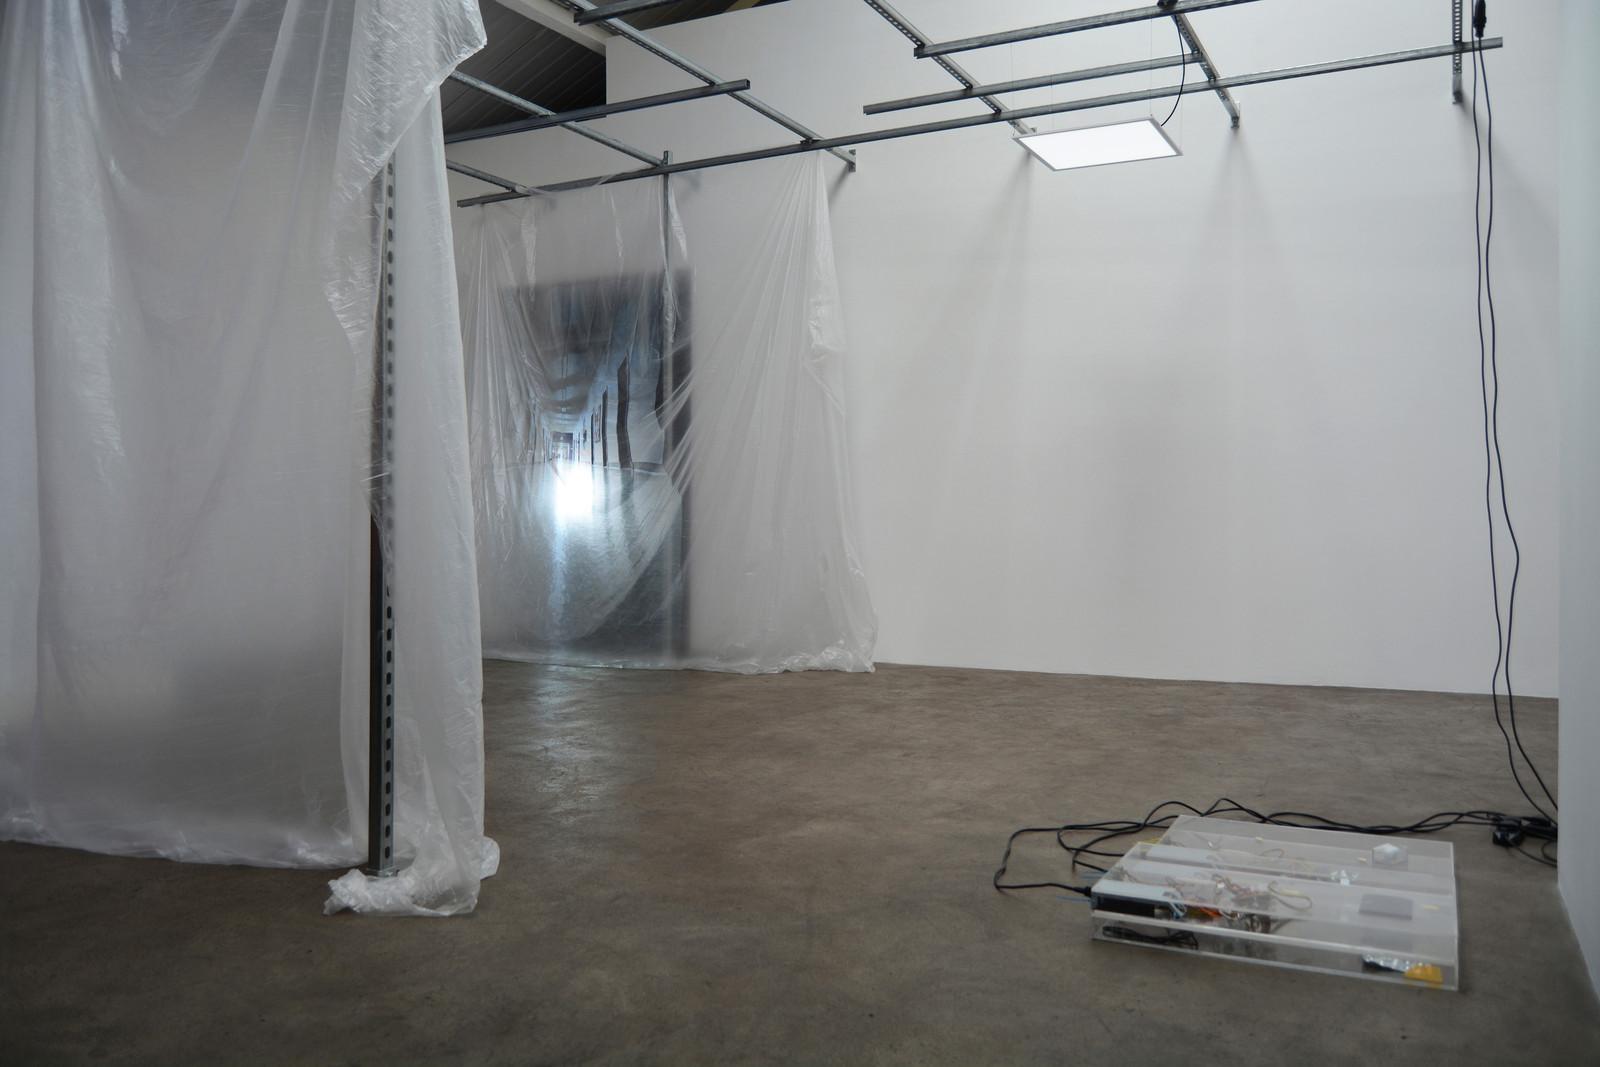 3. Yuri Pattison_sunset provision_installation view_(infinite corridor, infinite) Sunset Provision_dust,scraper, fan